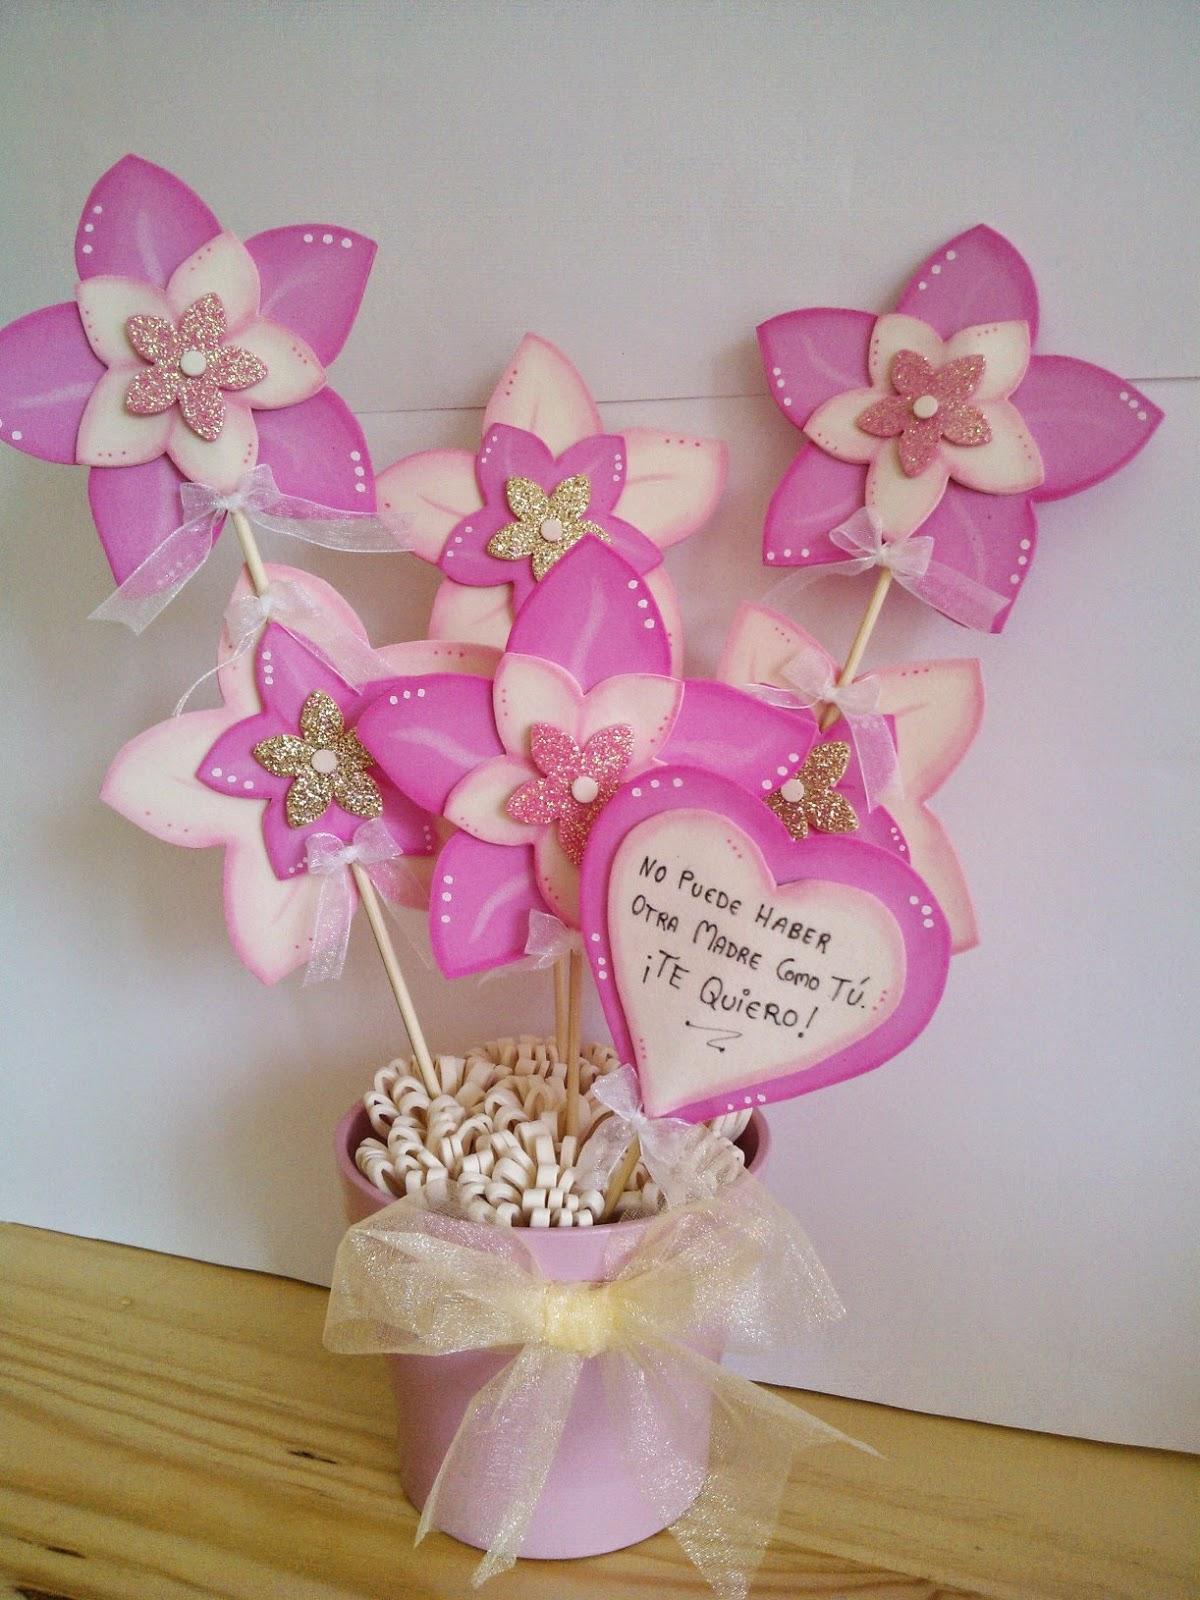 Cucadas de mami maceta decorada flores de goma eva para for Decoracion de goma eva para cumpleanos